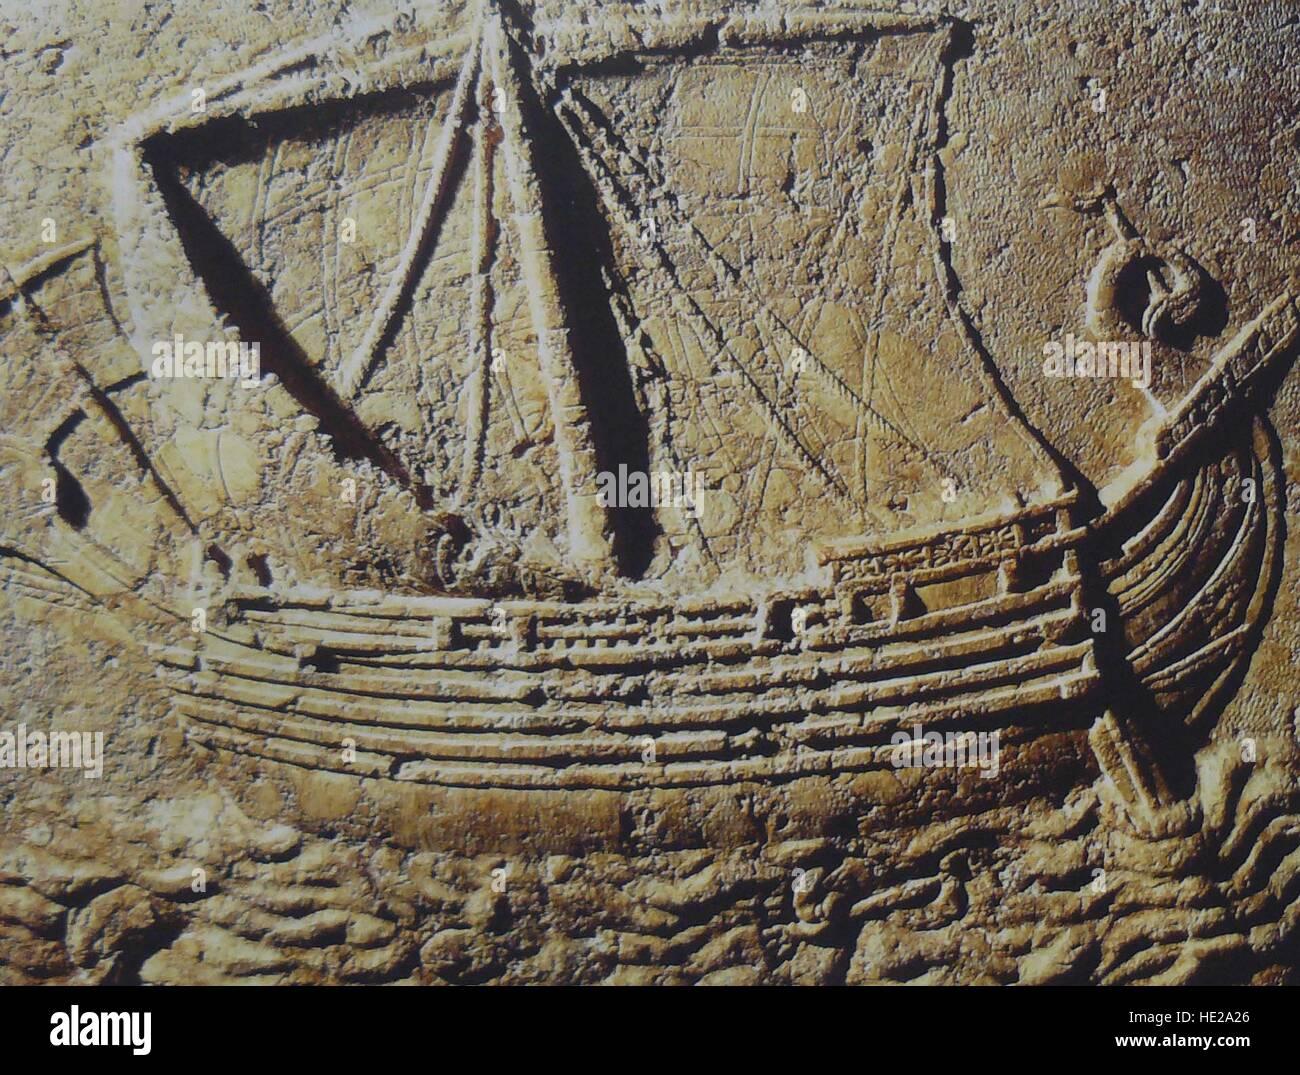 Fenicia nave mercantile, scultura in pietra risalente c. 1st. C. AD. Immagini Stock